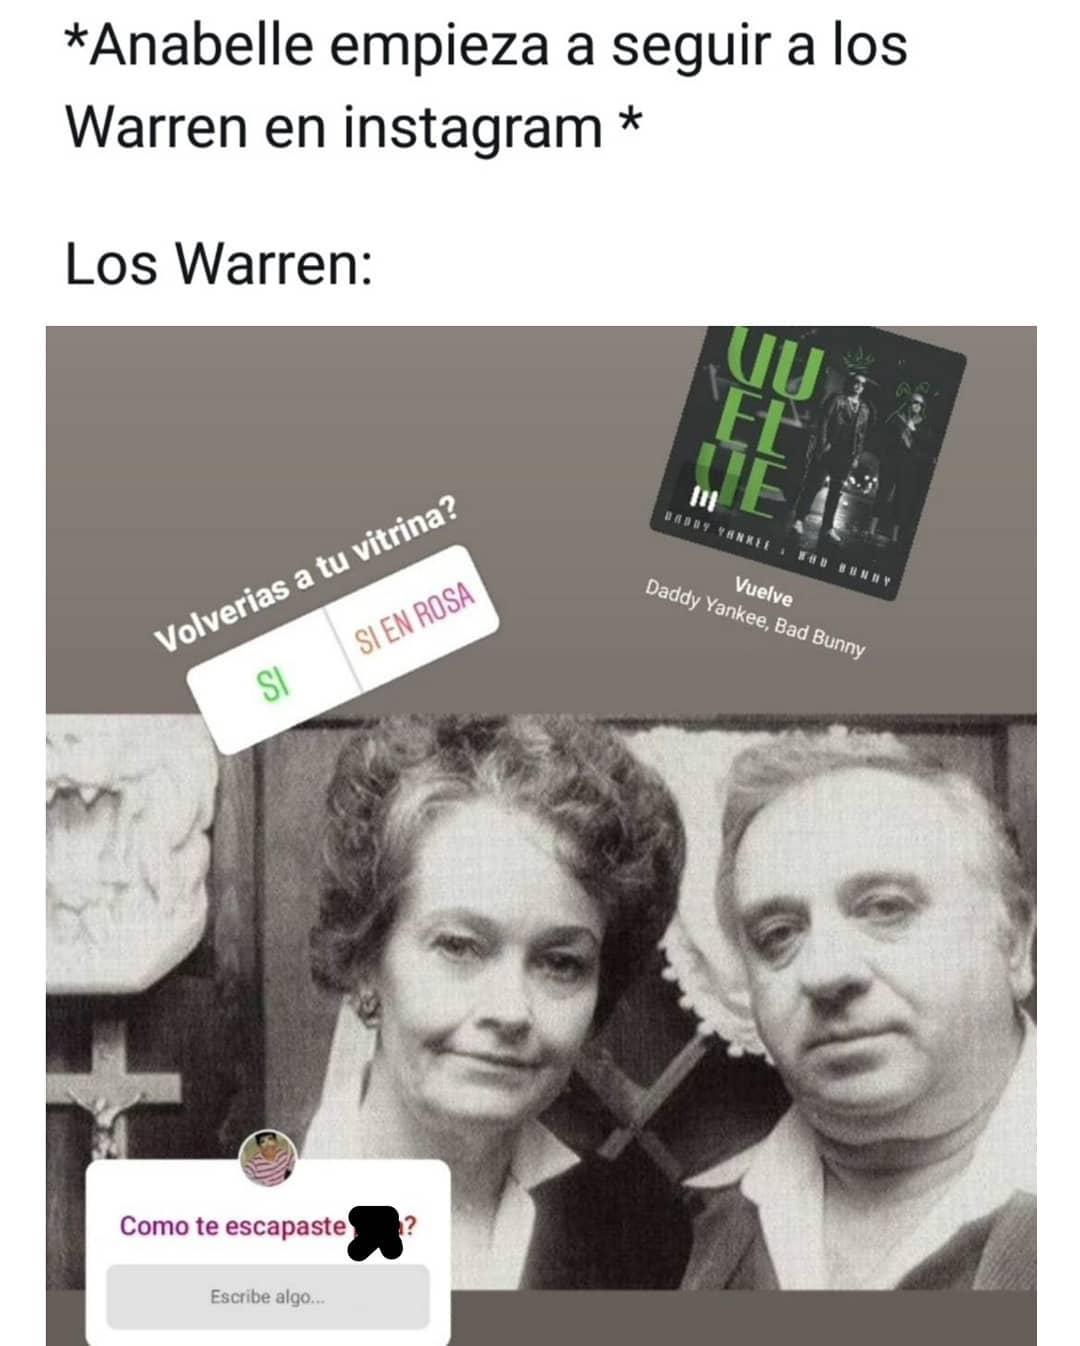 *Anabelle empieza a seguir a los Warren en Instagram * Los Warren: